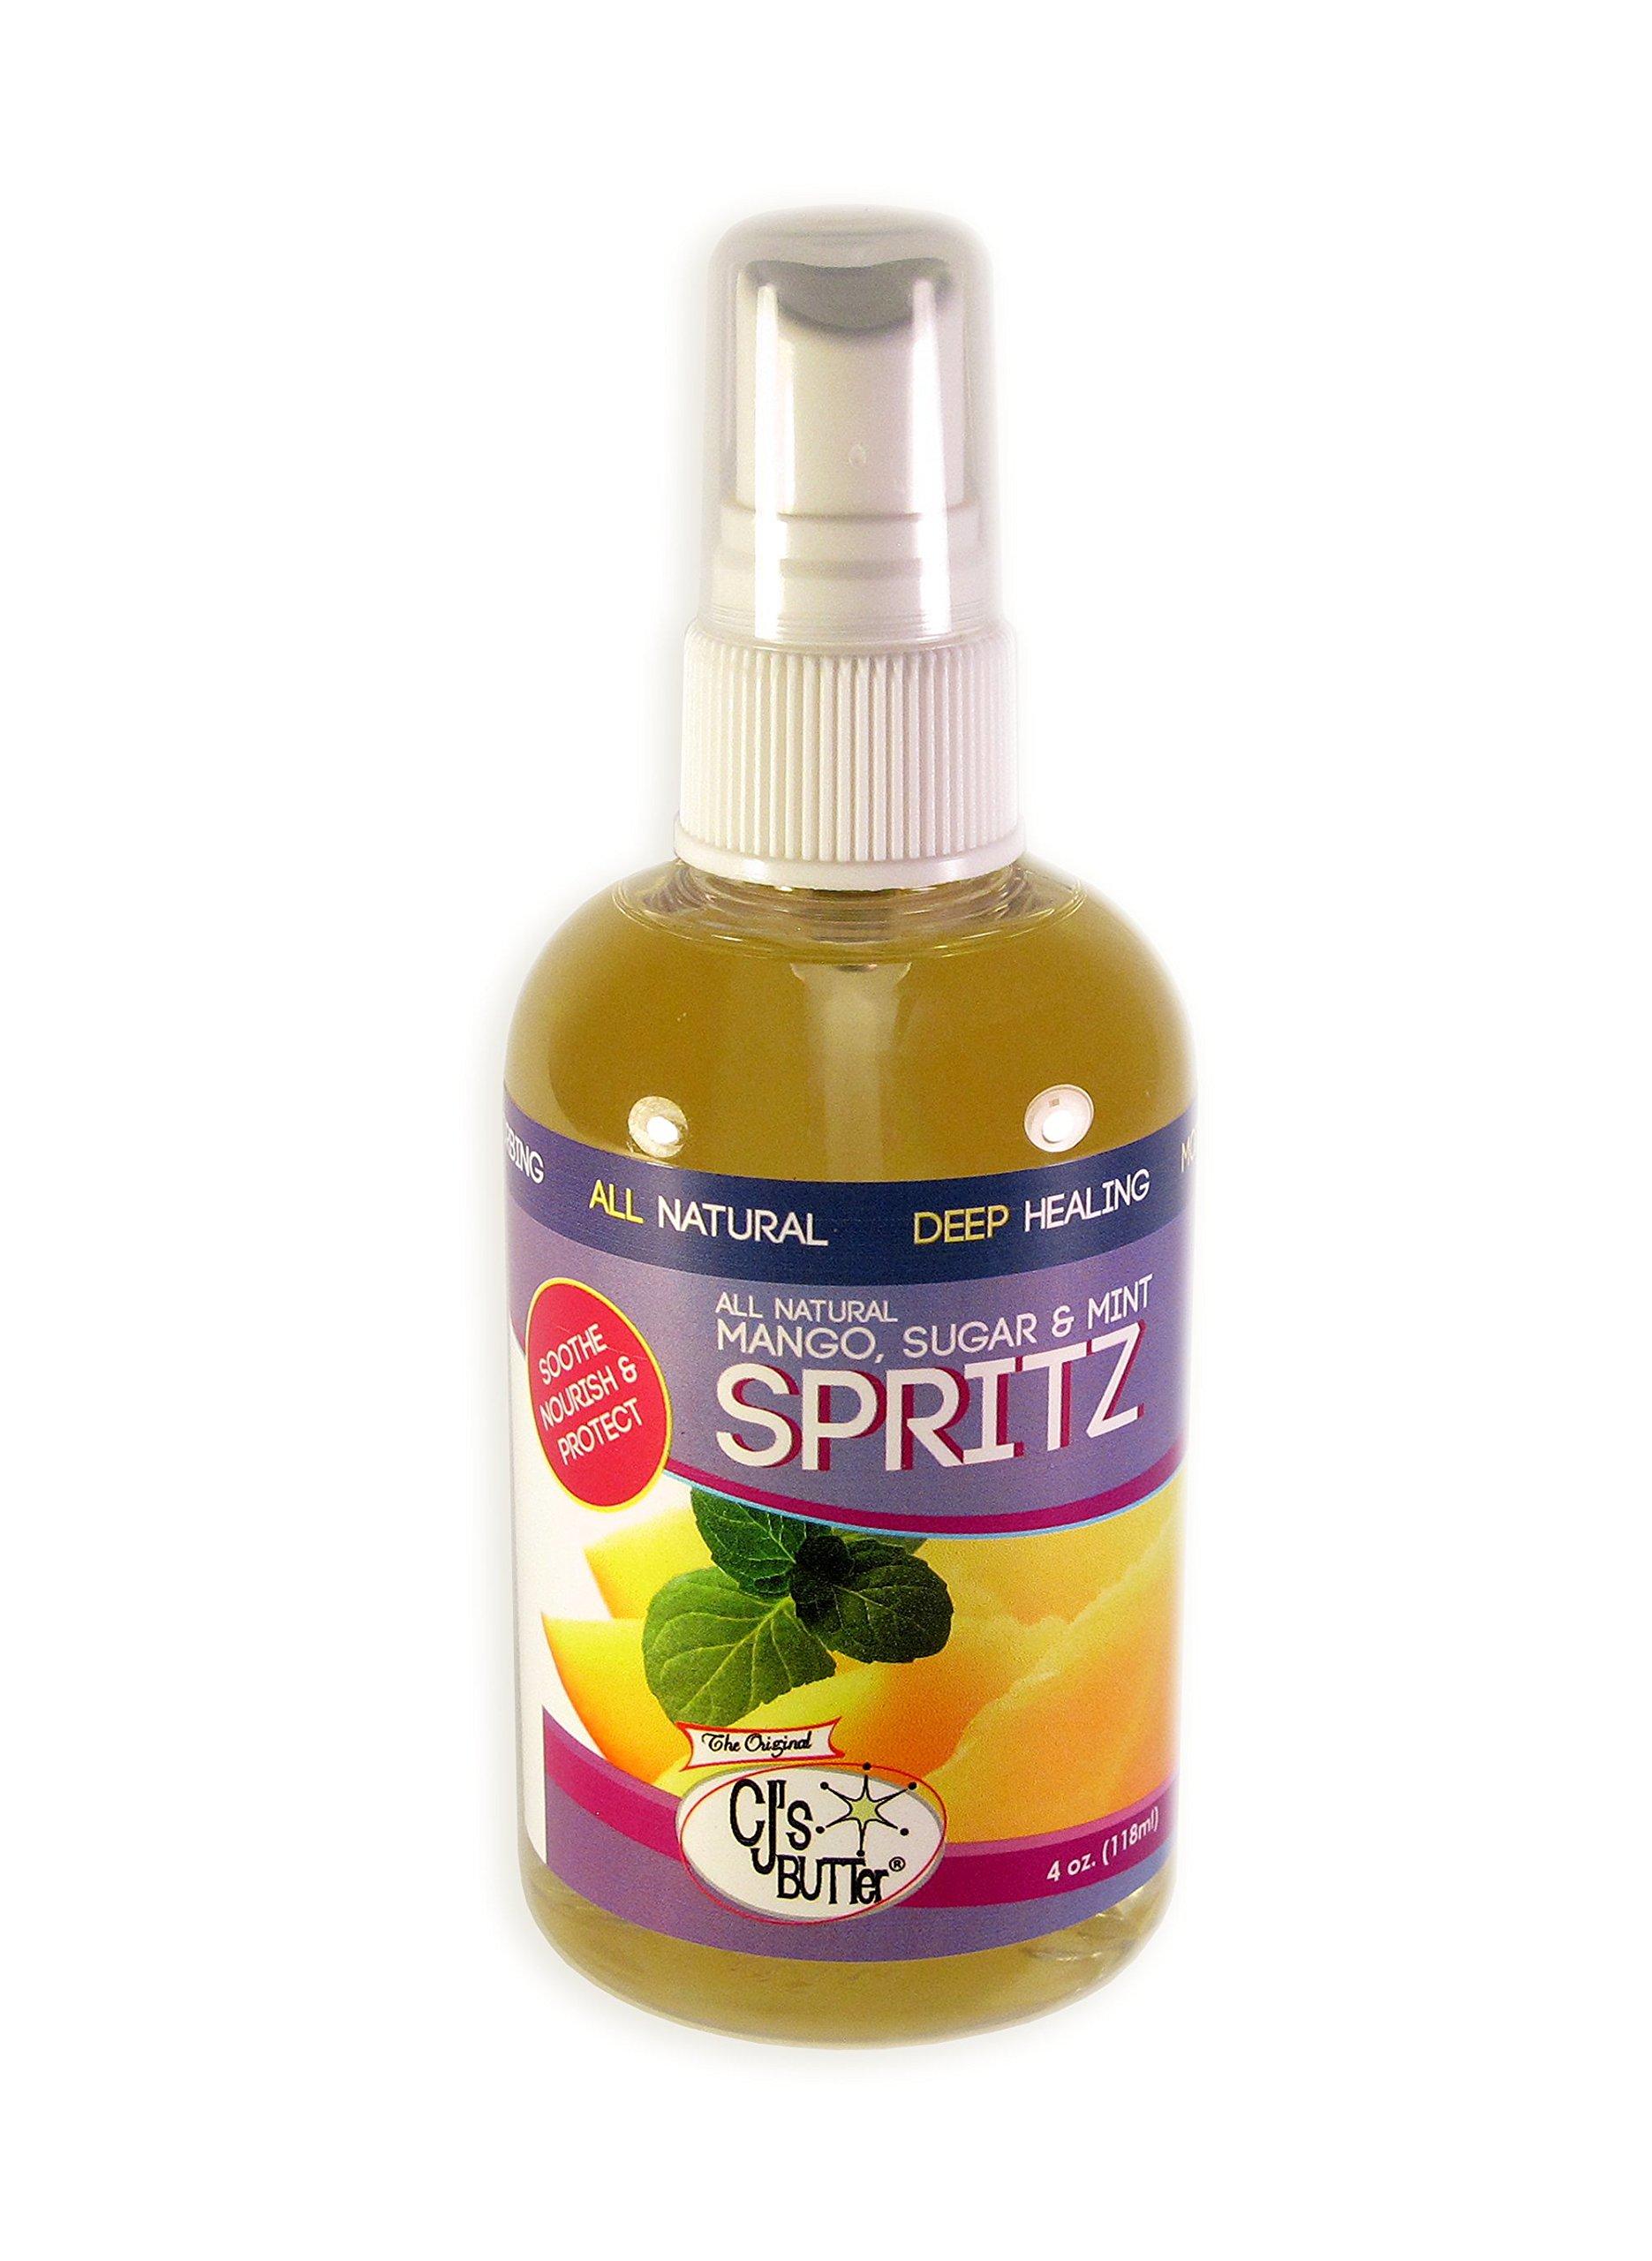 CJ's BUTTer Spritz - All Natural Mango, Sugar & Mint